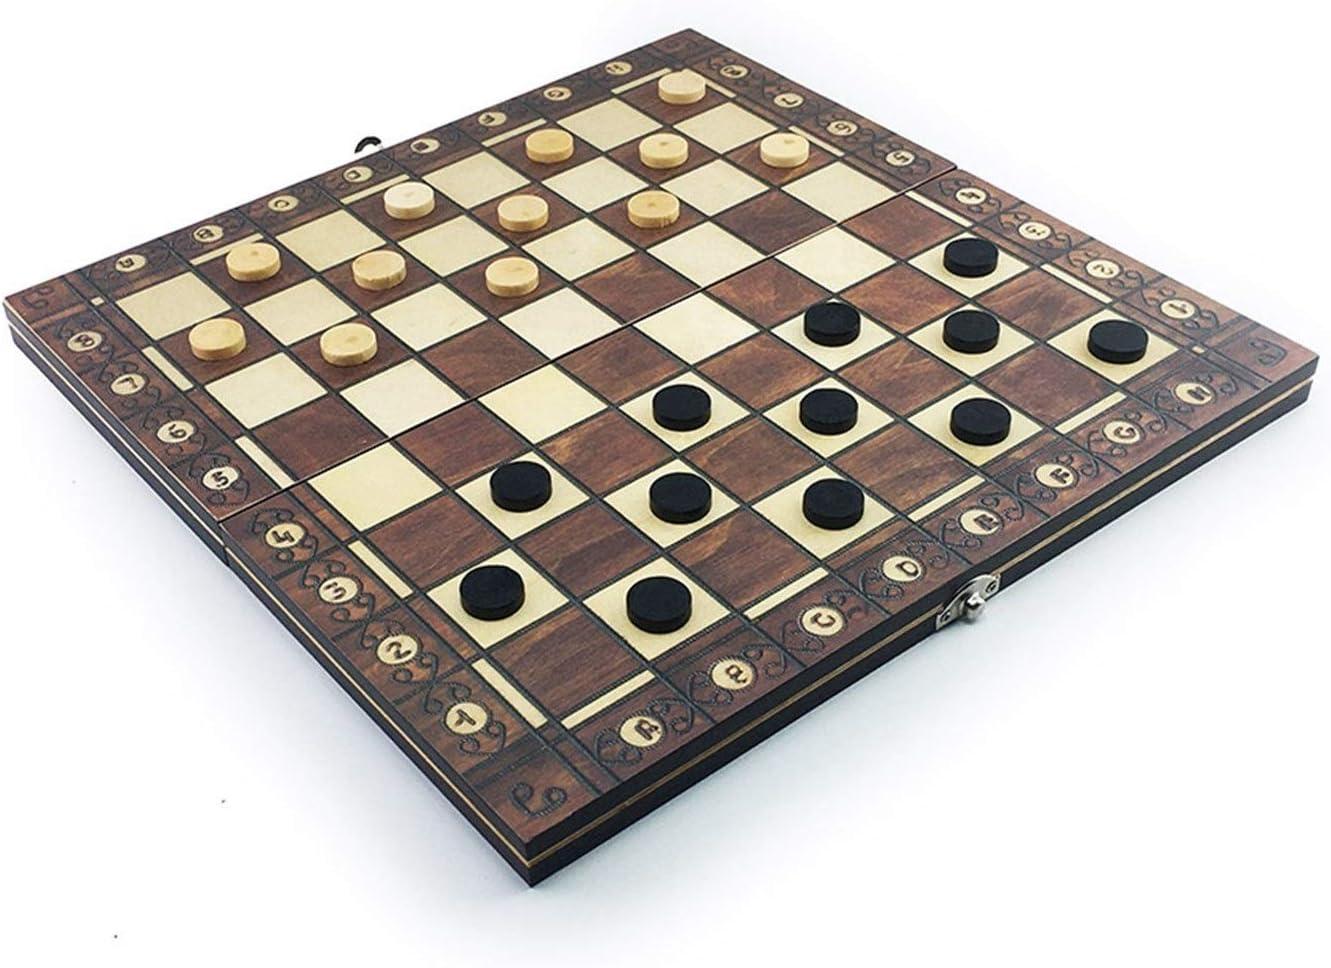 Color : 24 x 24cm Super Magnetic Wooden Chess Backgammon Checkers 3 in 1 Scacchi Gioco Antico Scacchi da Viaggio Scacchi Set di Scacchi di Scacchi in Legno Scacchiera